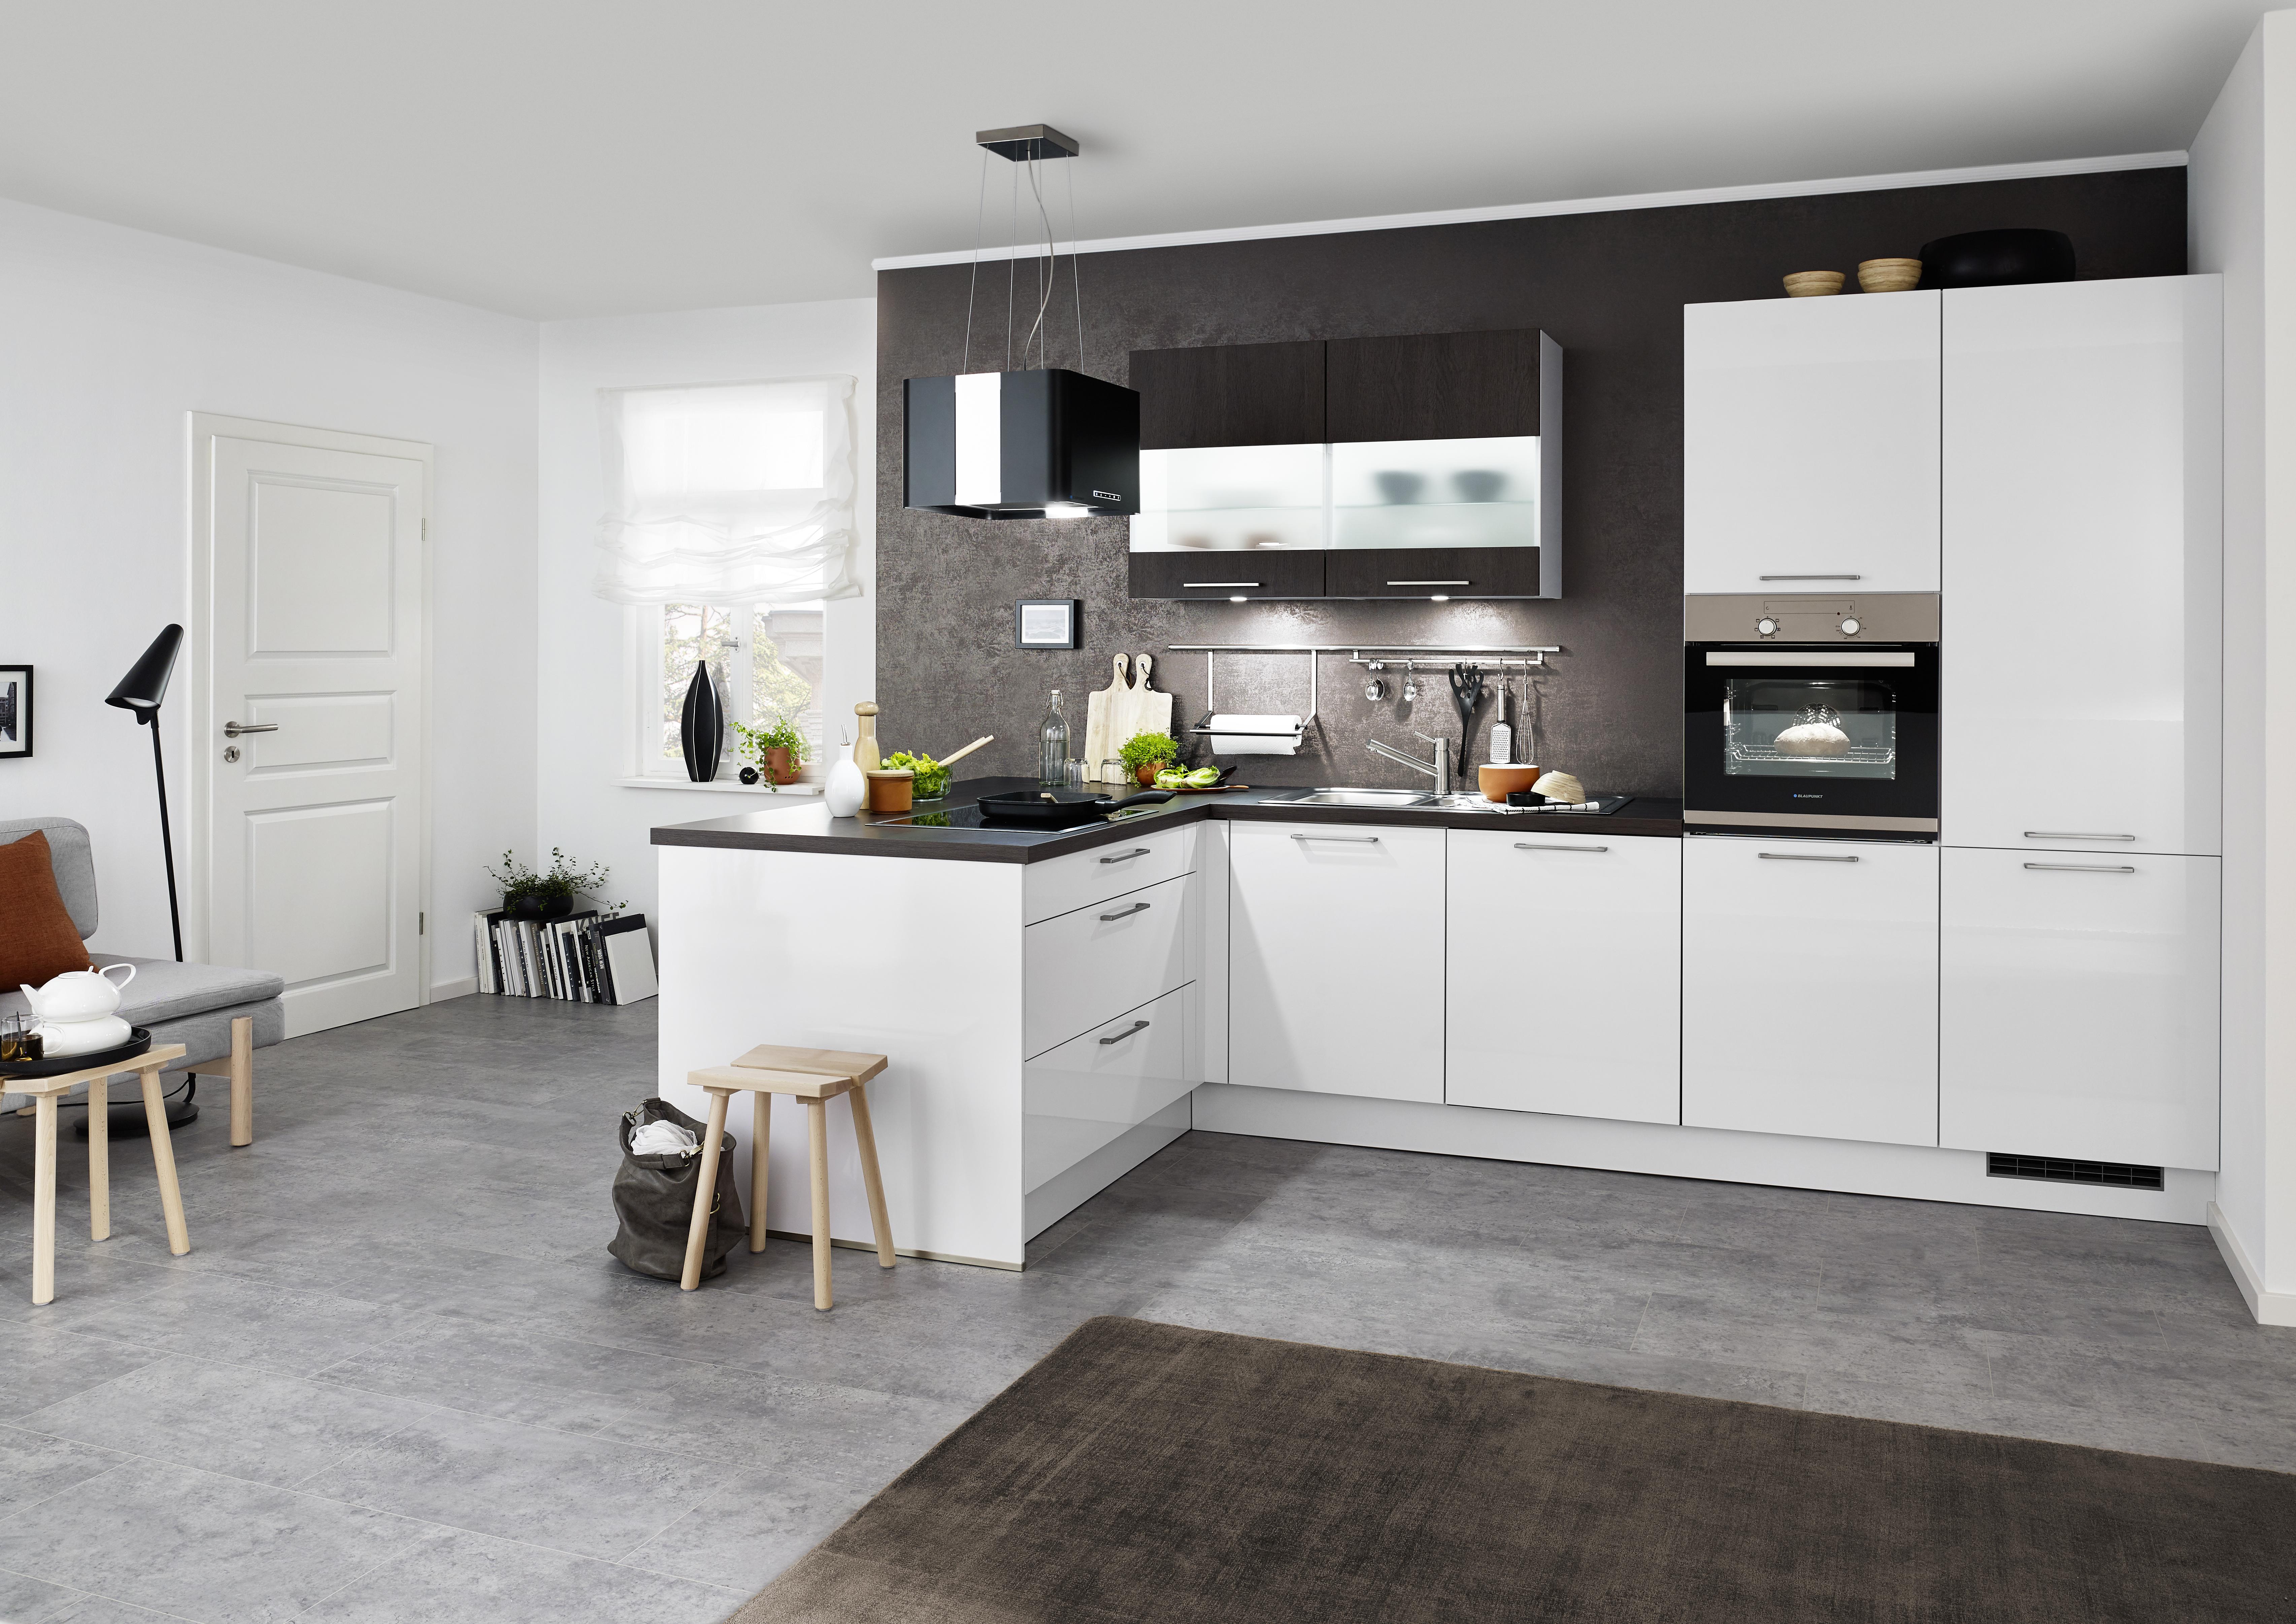 Haustiere in der Küche - Küche&Co